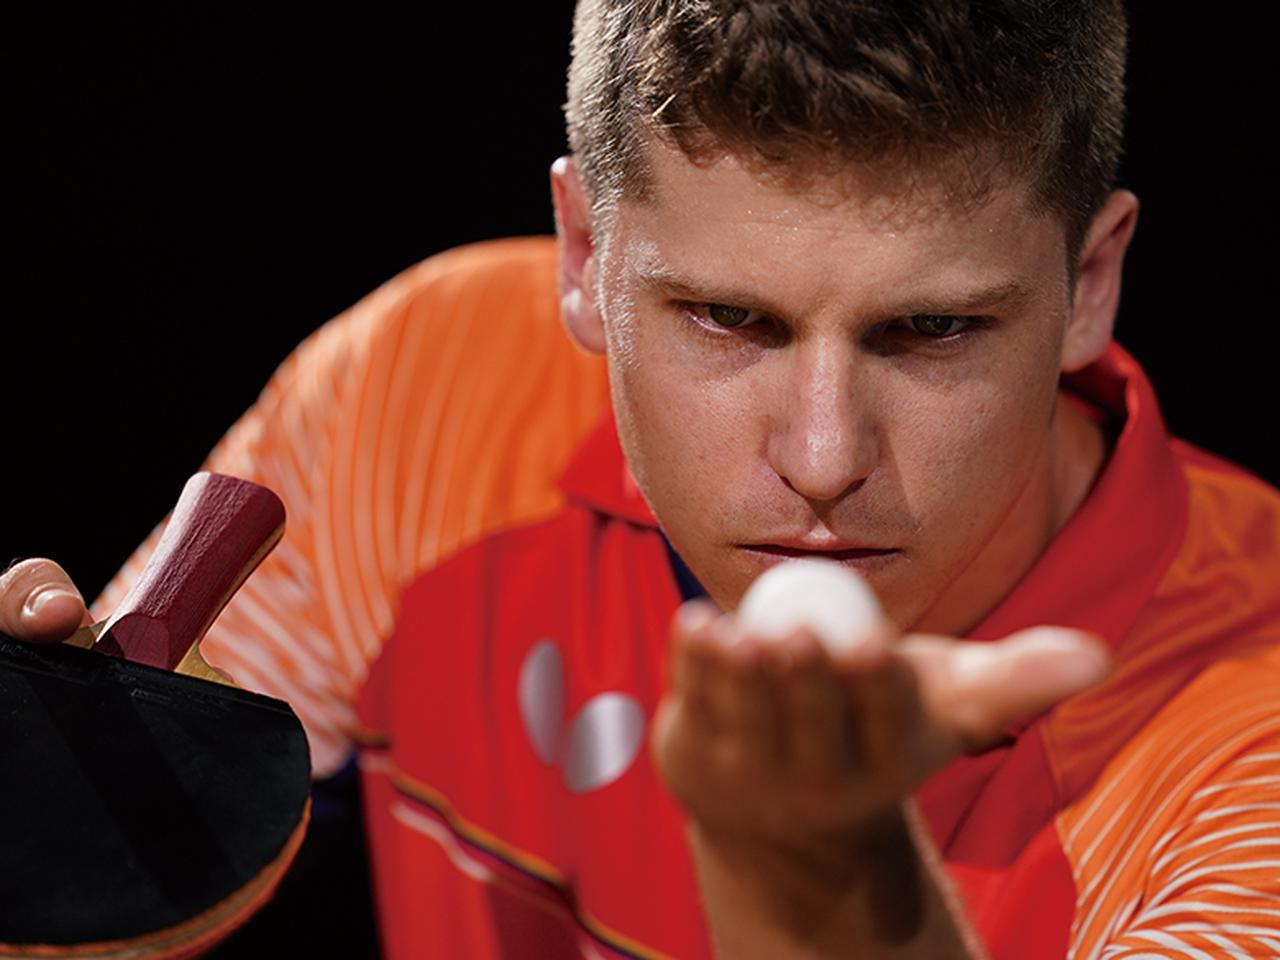 画像: 卓球選手の集中した一瞬の表情にピタリとフォーカス。手前にある手のひらと球はきれいにボケている。